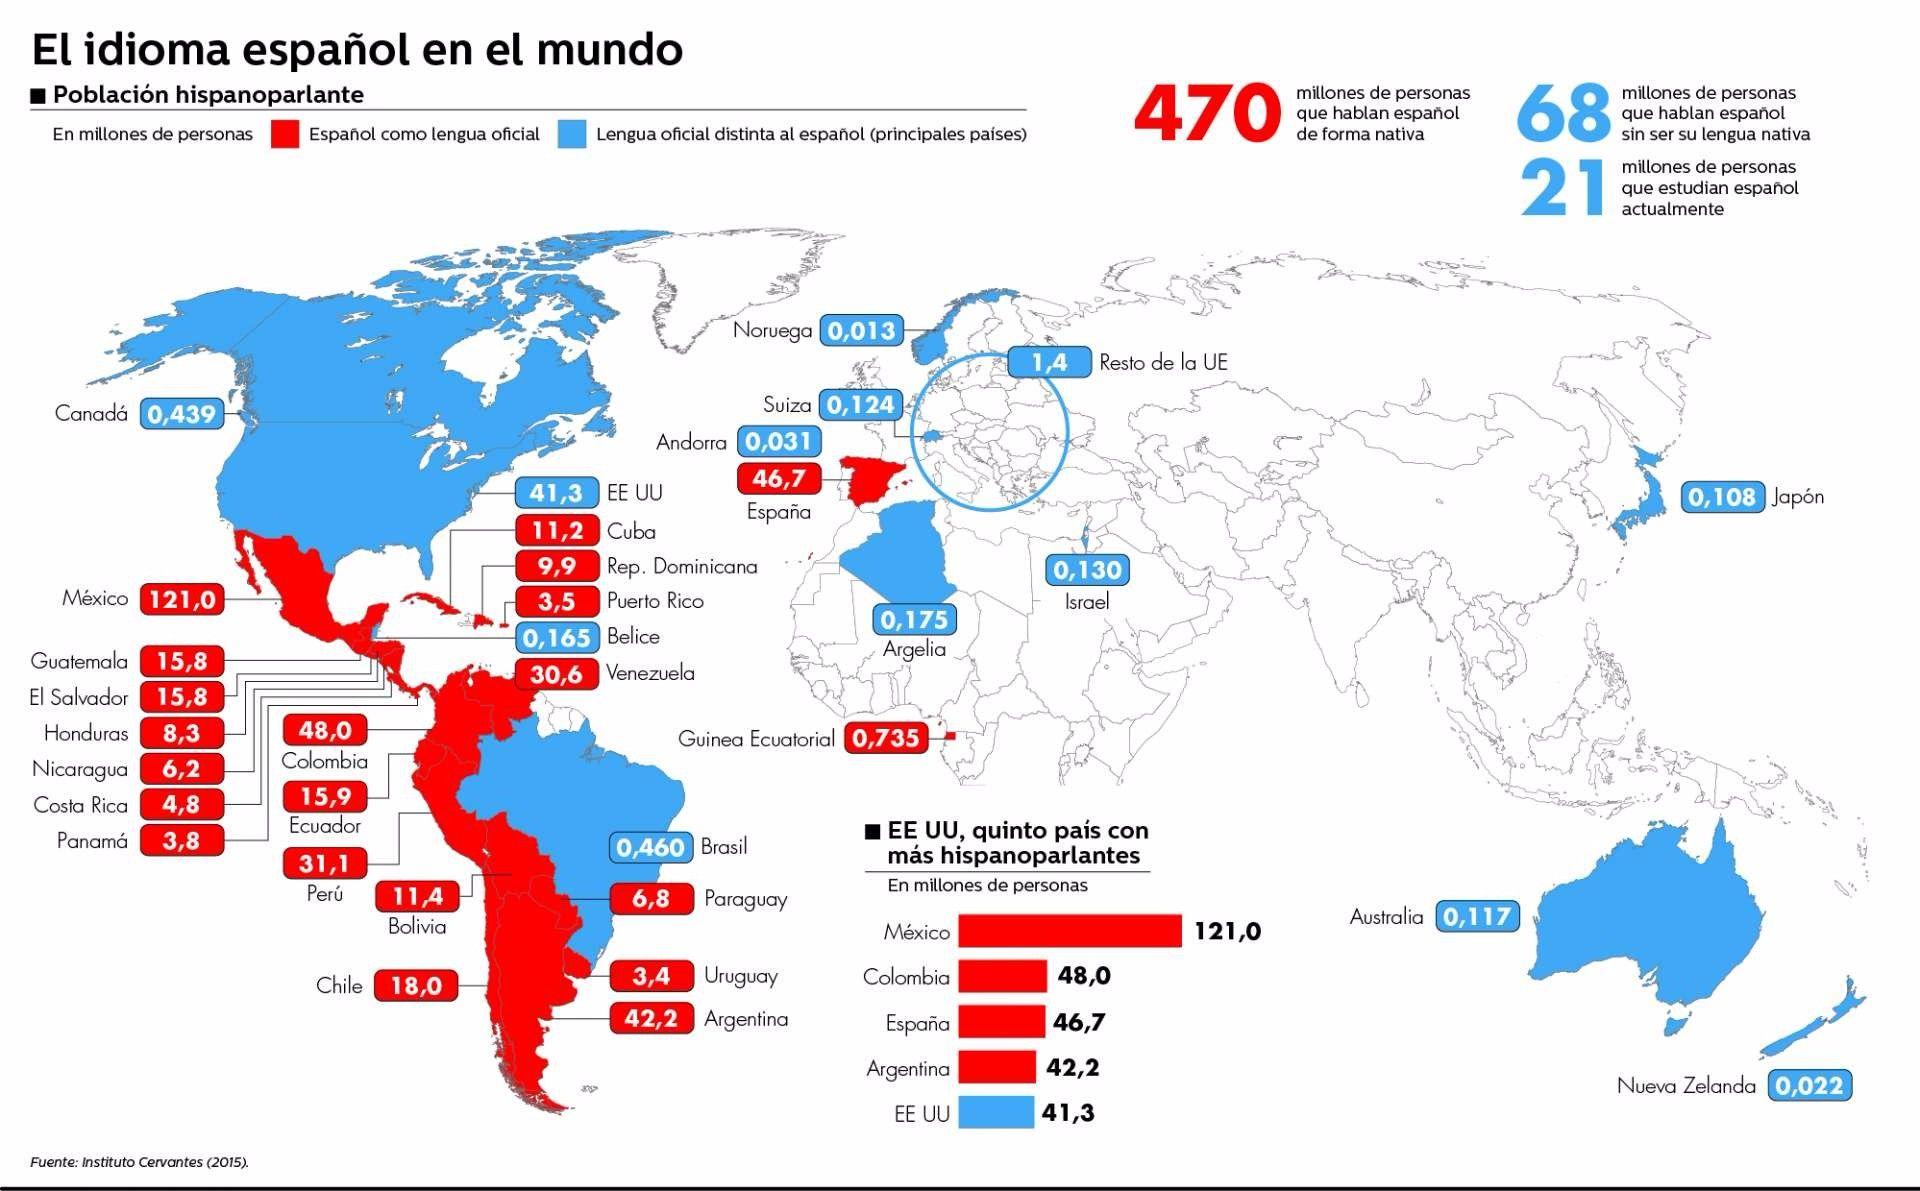 El idioma español en el mundo